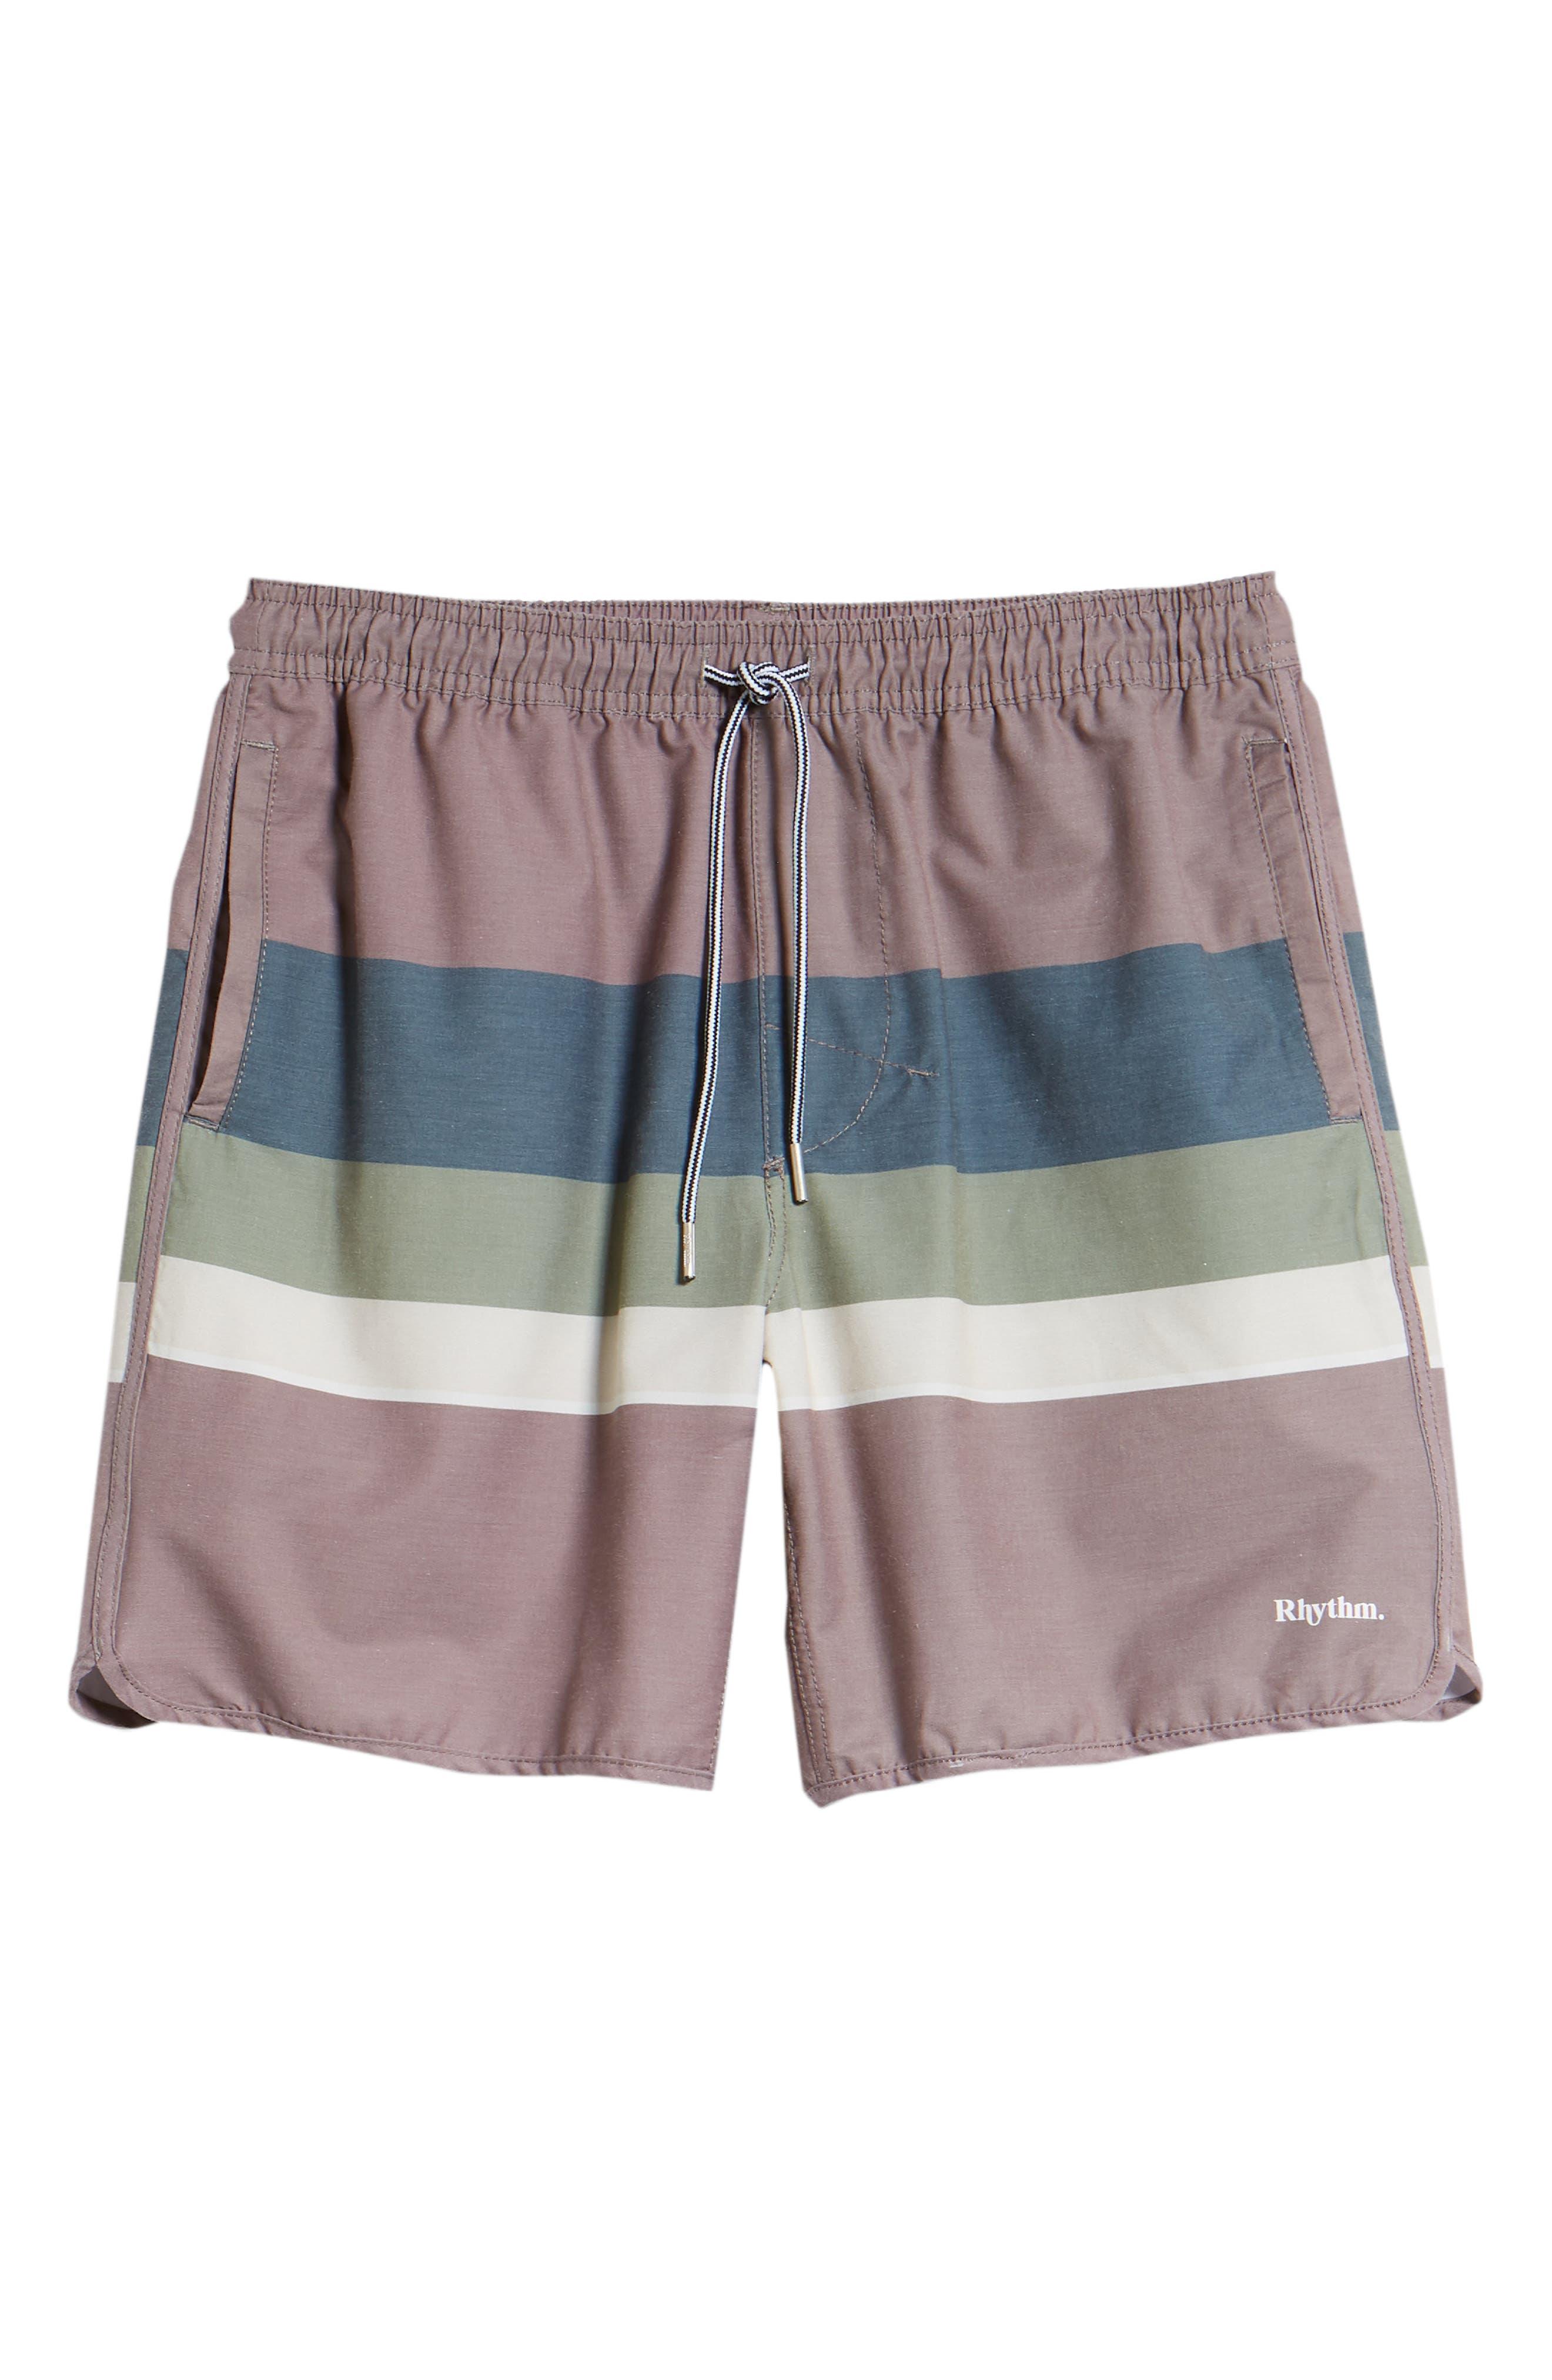 Retro Stripe Beach Swim Trunks,                             Alternate thumbnail 6, color,                             MUSK